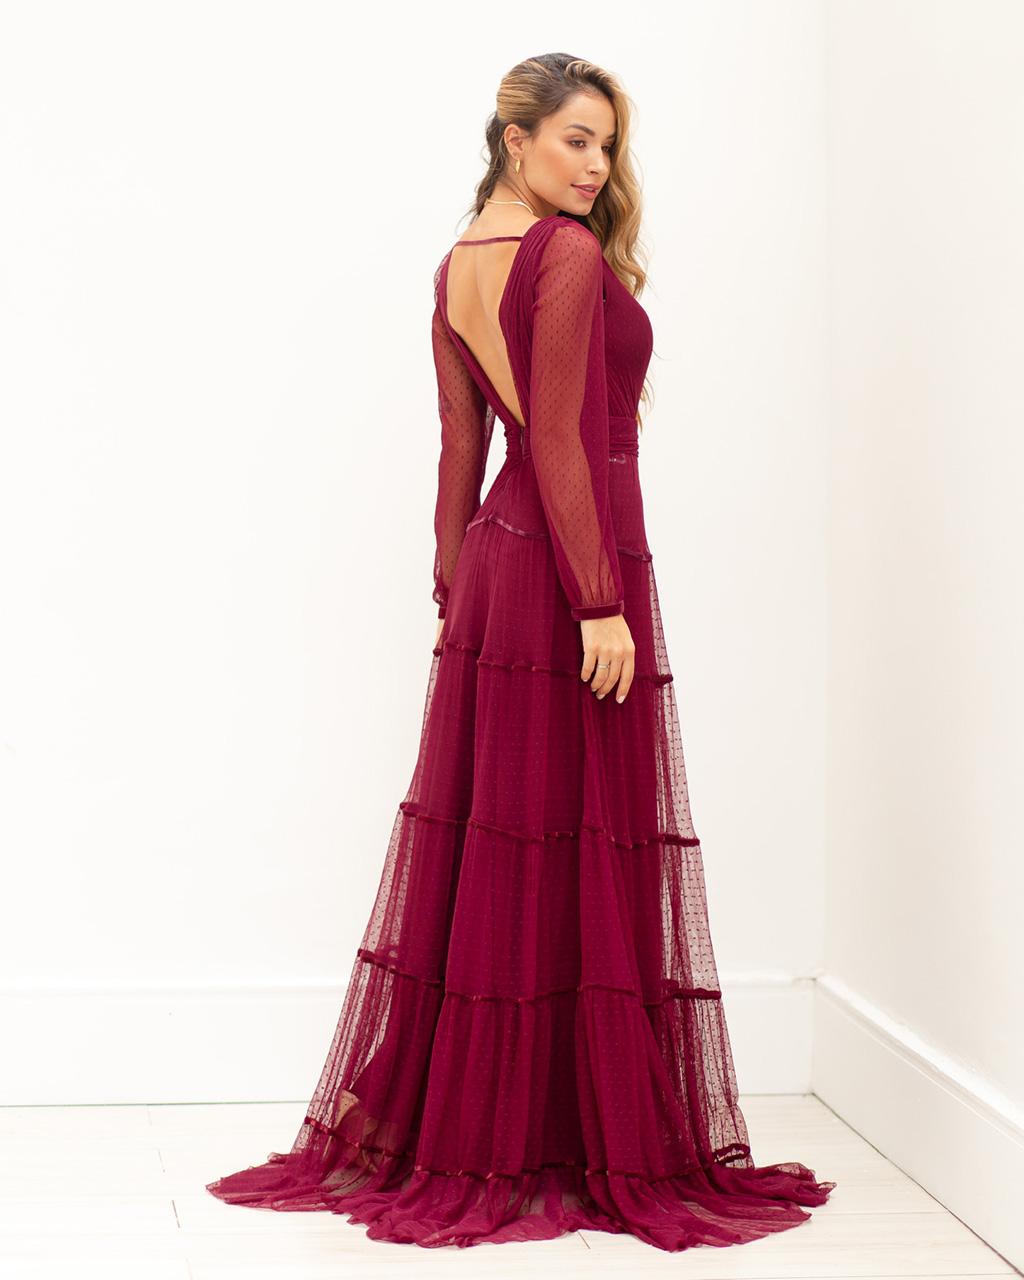 Vestido Joana  - Empório NM